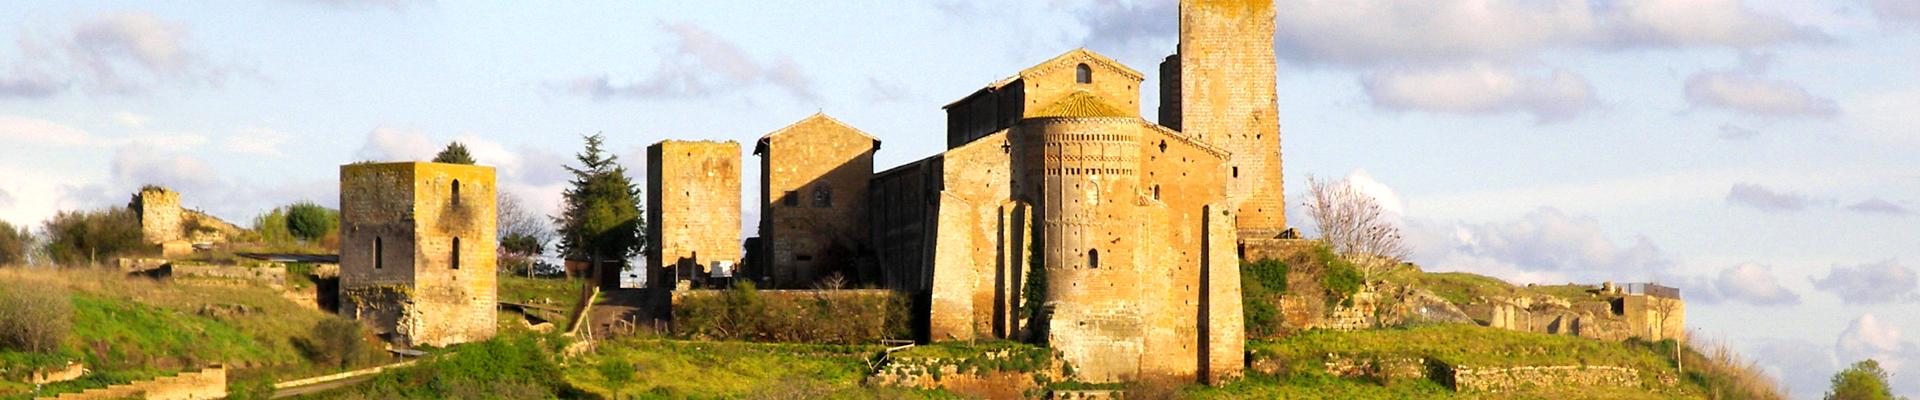 Tuscania - Il Meleto